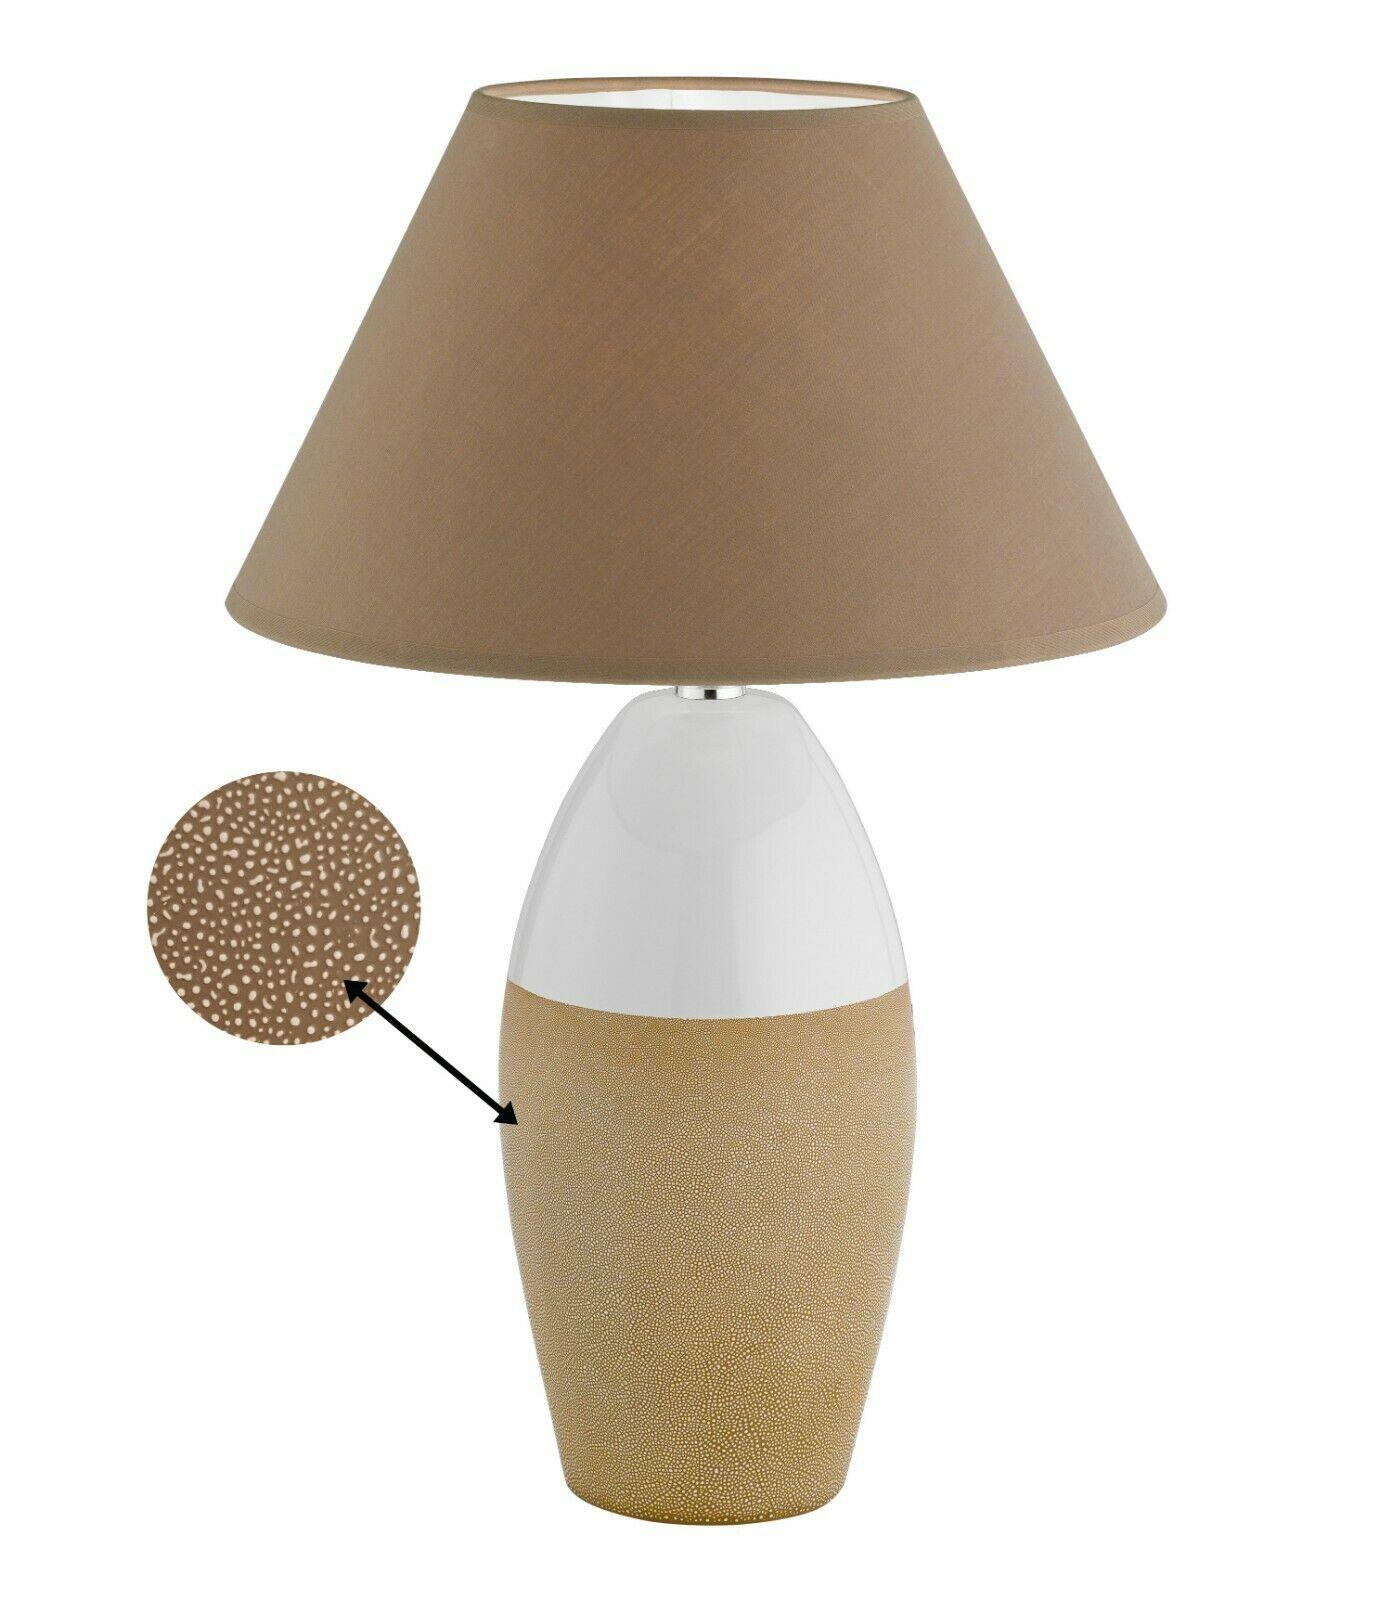 Full Size of Ikea Tischlampe Wohnzimmer Amazon Lampe Modern Tischleuchte Tikeramik Fu Schirm Braun Beige 45cm Lampen Wandbild Moderne Bilder Fürs Tisch Led Deckenleuchte Wohnzimmer Wohnzimmer Tischlampe